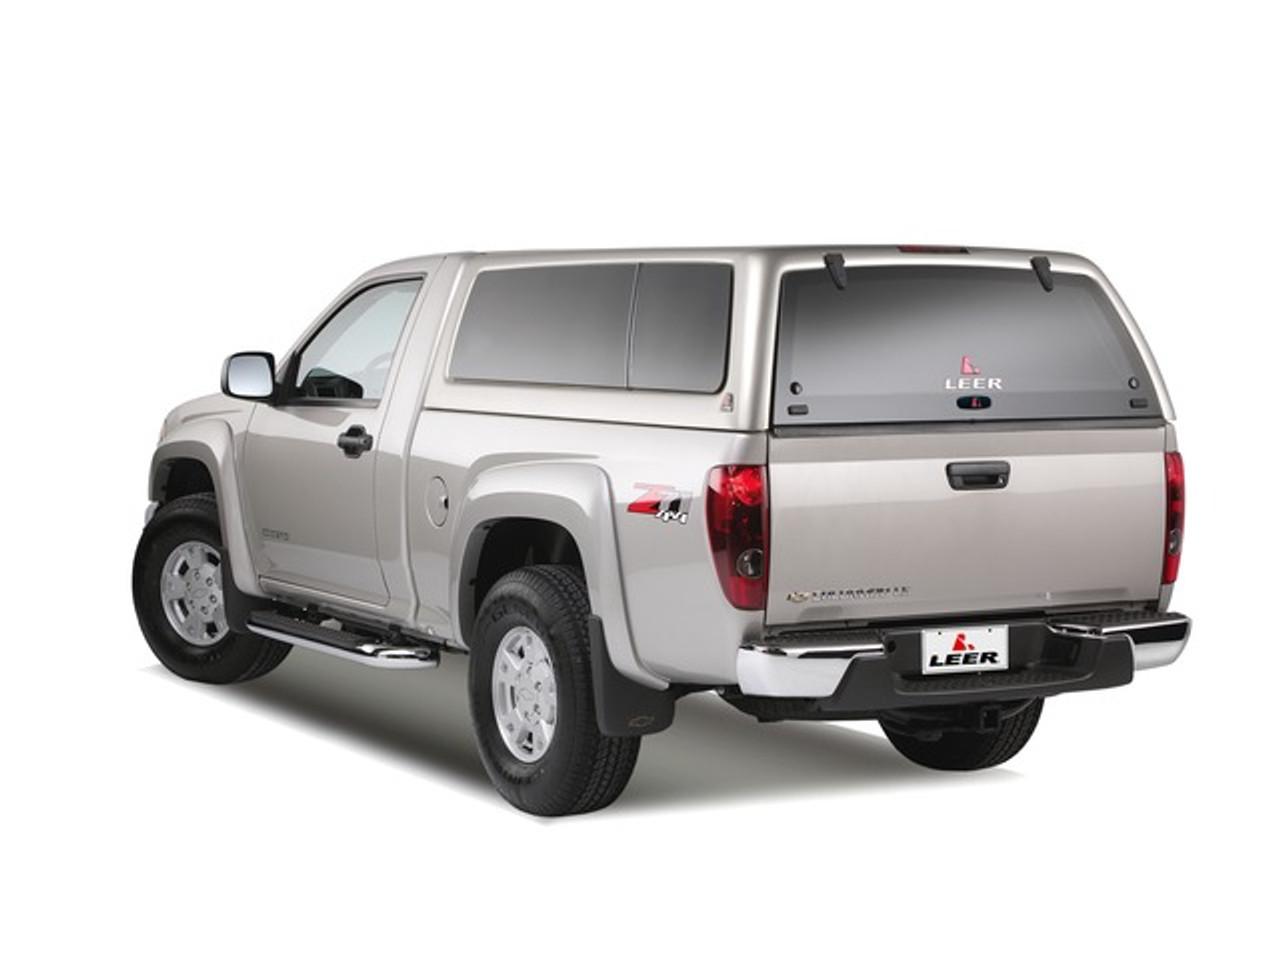 Leer 100XL - Chevrolet/GMC - Fuller Truck Accessories